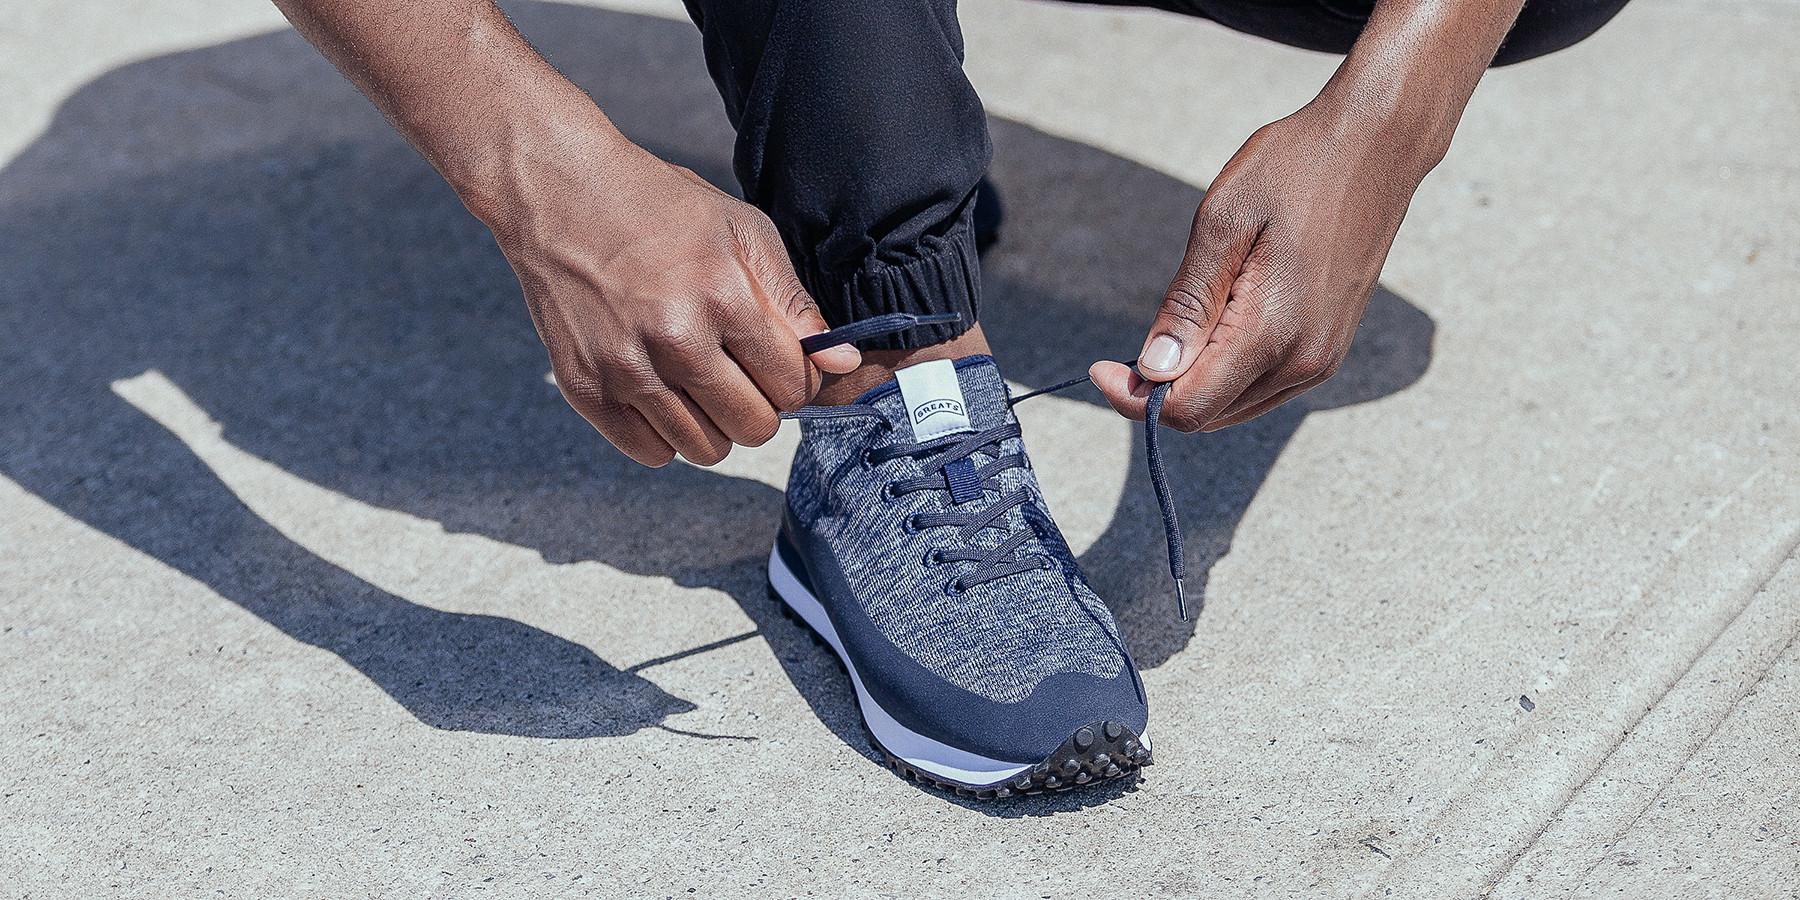 Voici la toute nouvelle sneaker GREATS G-Knit 2.0